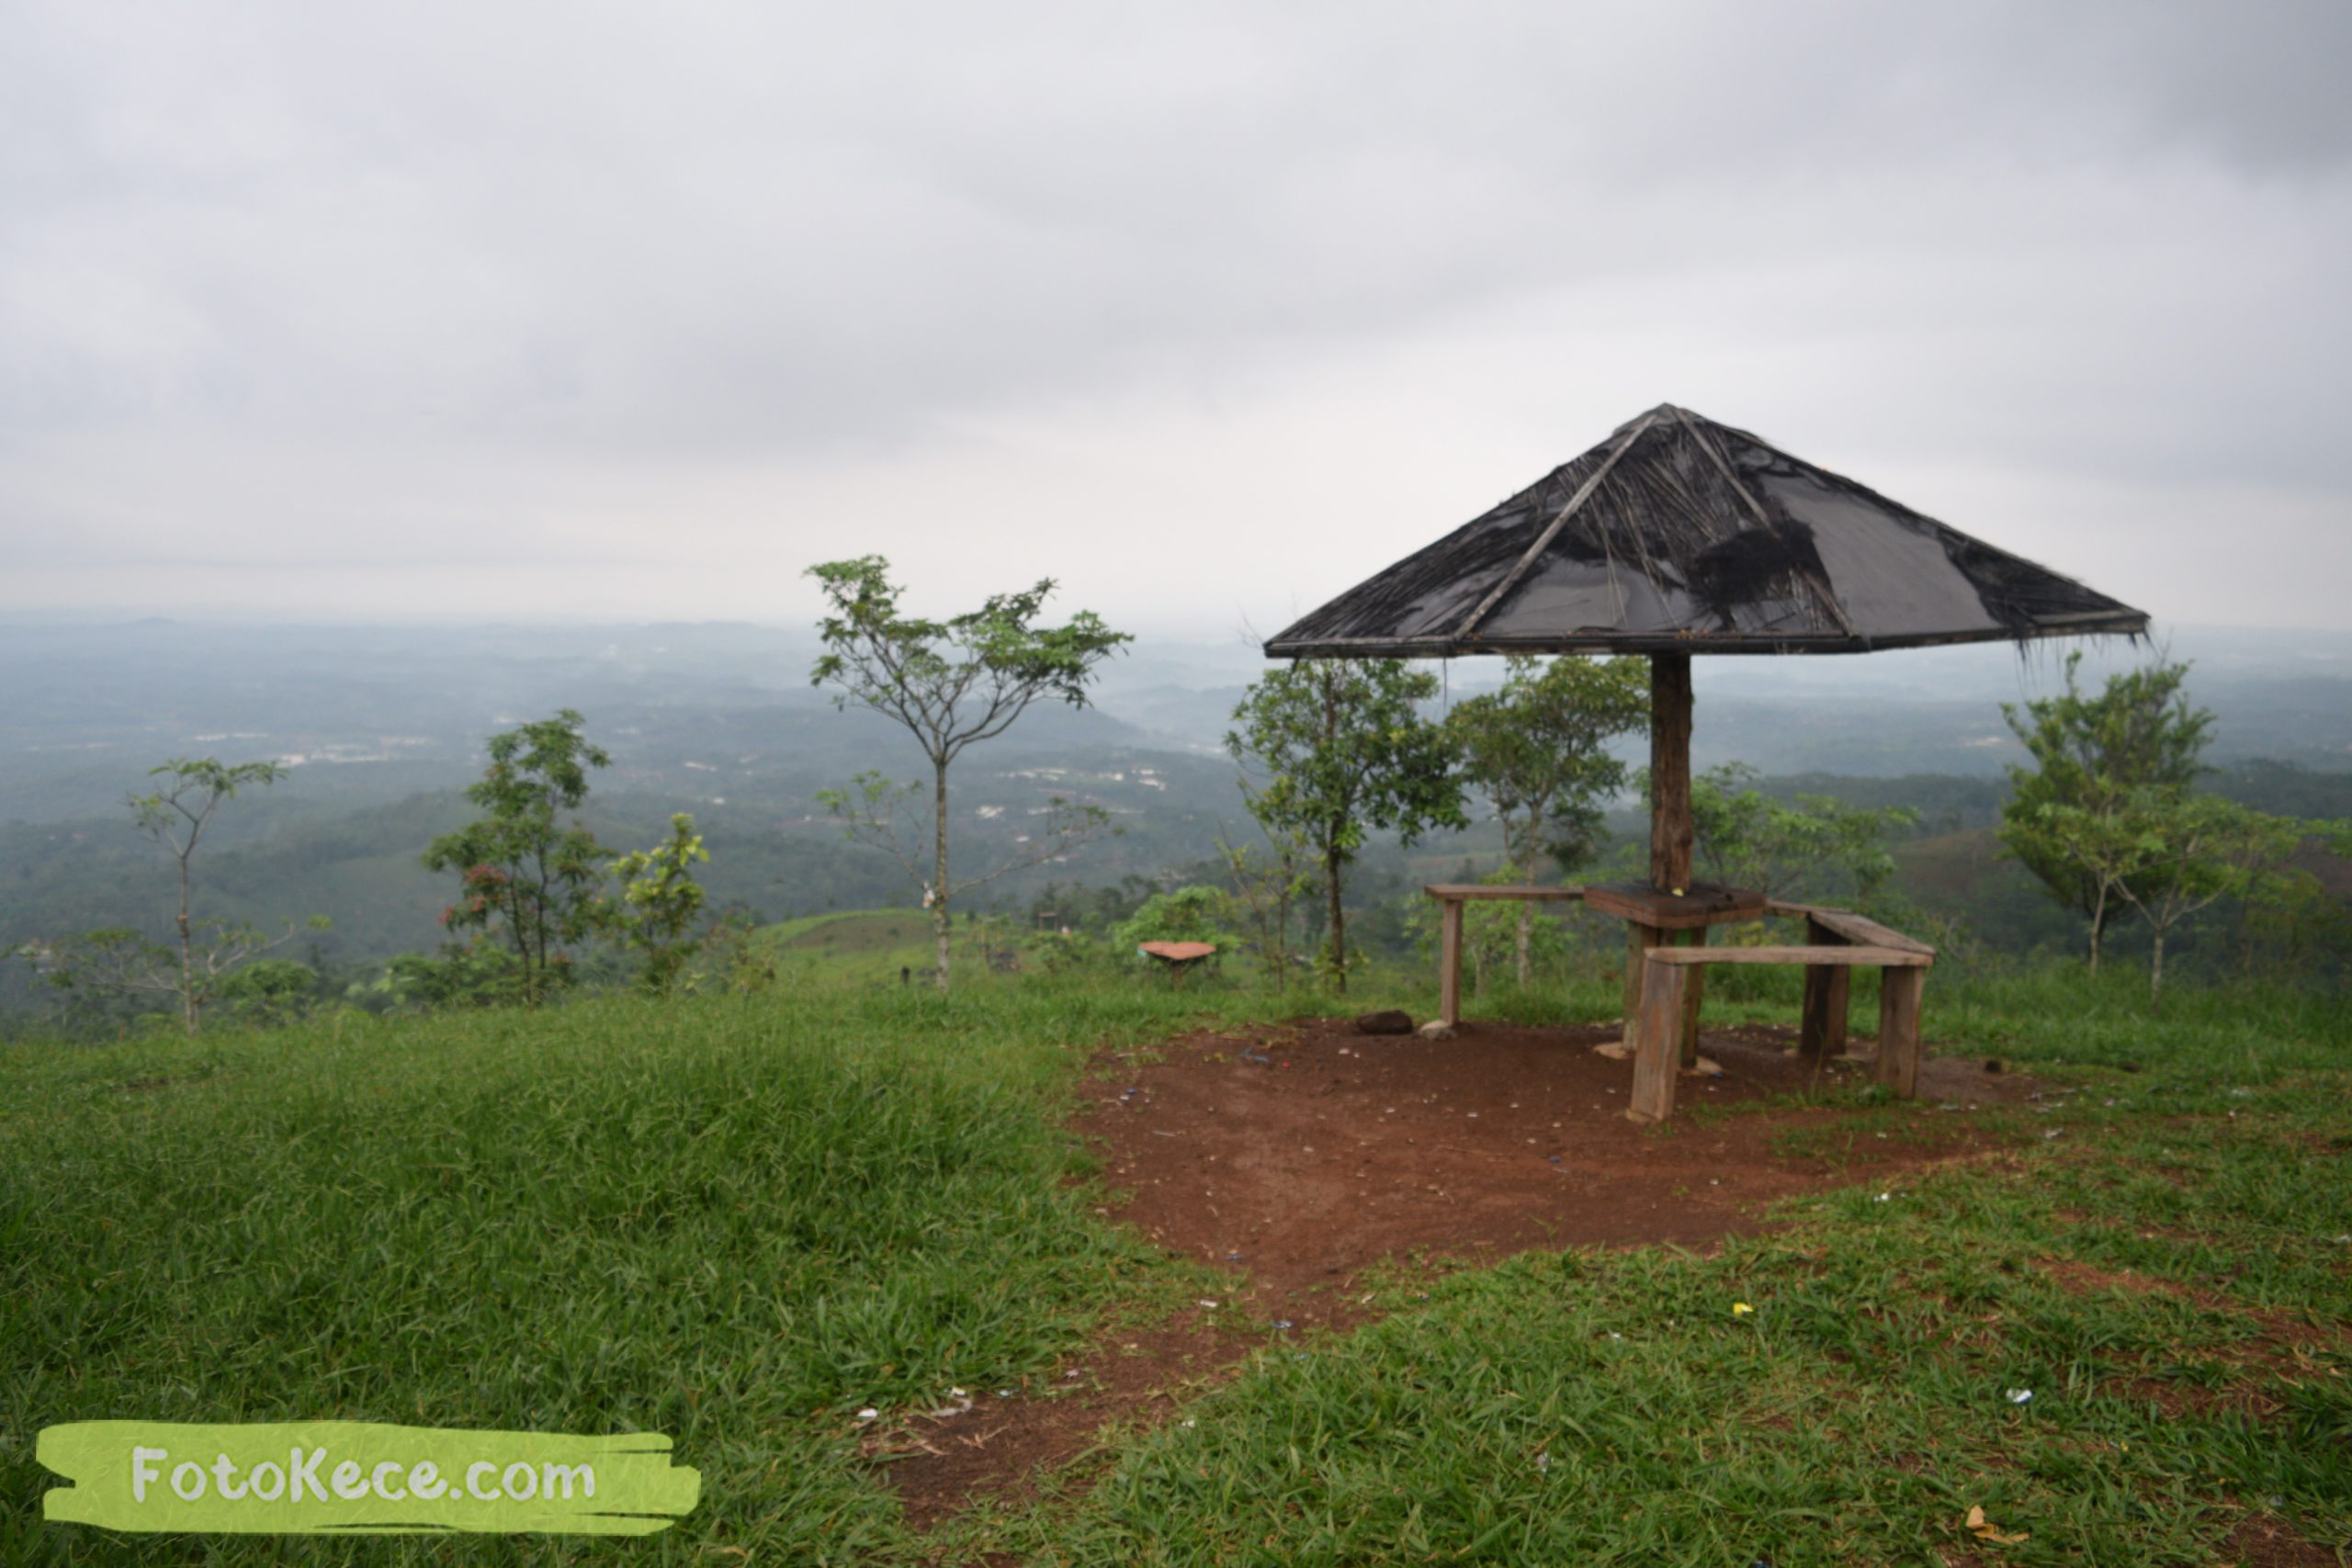 pembukaan perkemahan narakarya 1 mtsn 2 sukabumi 24 25 januari 2020 pramuka hebat wisata alam puncak buluh jampangkulon 27 scaled